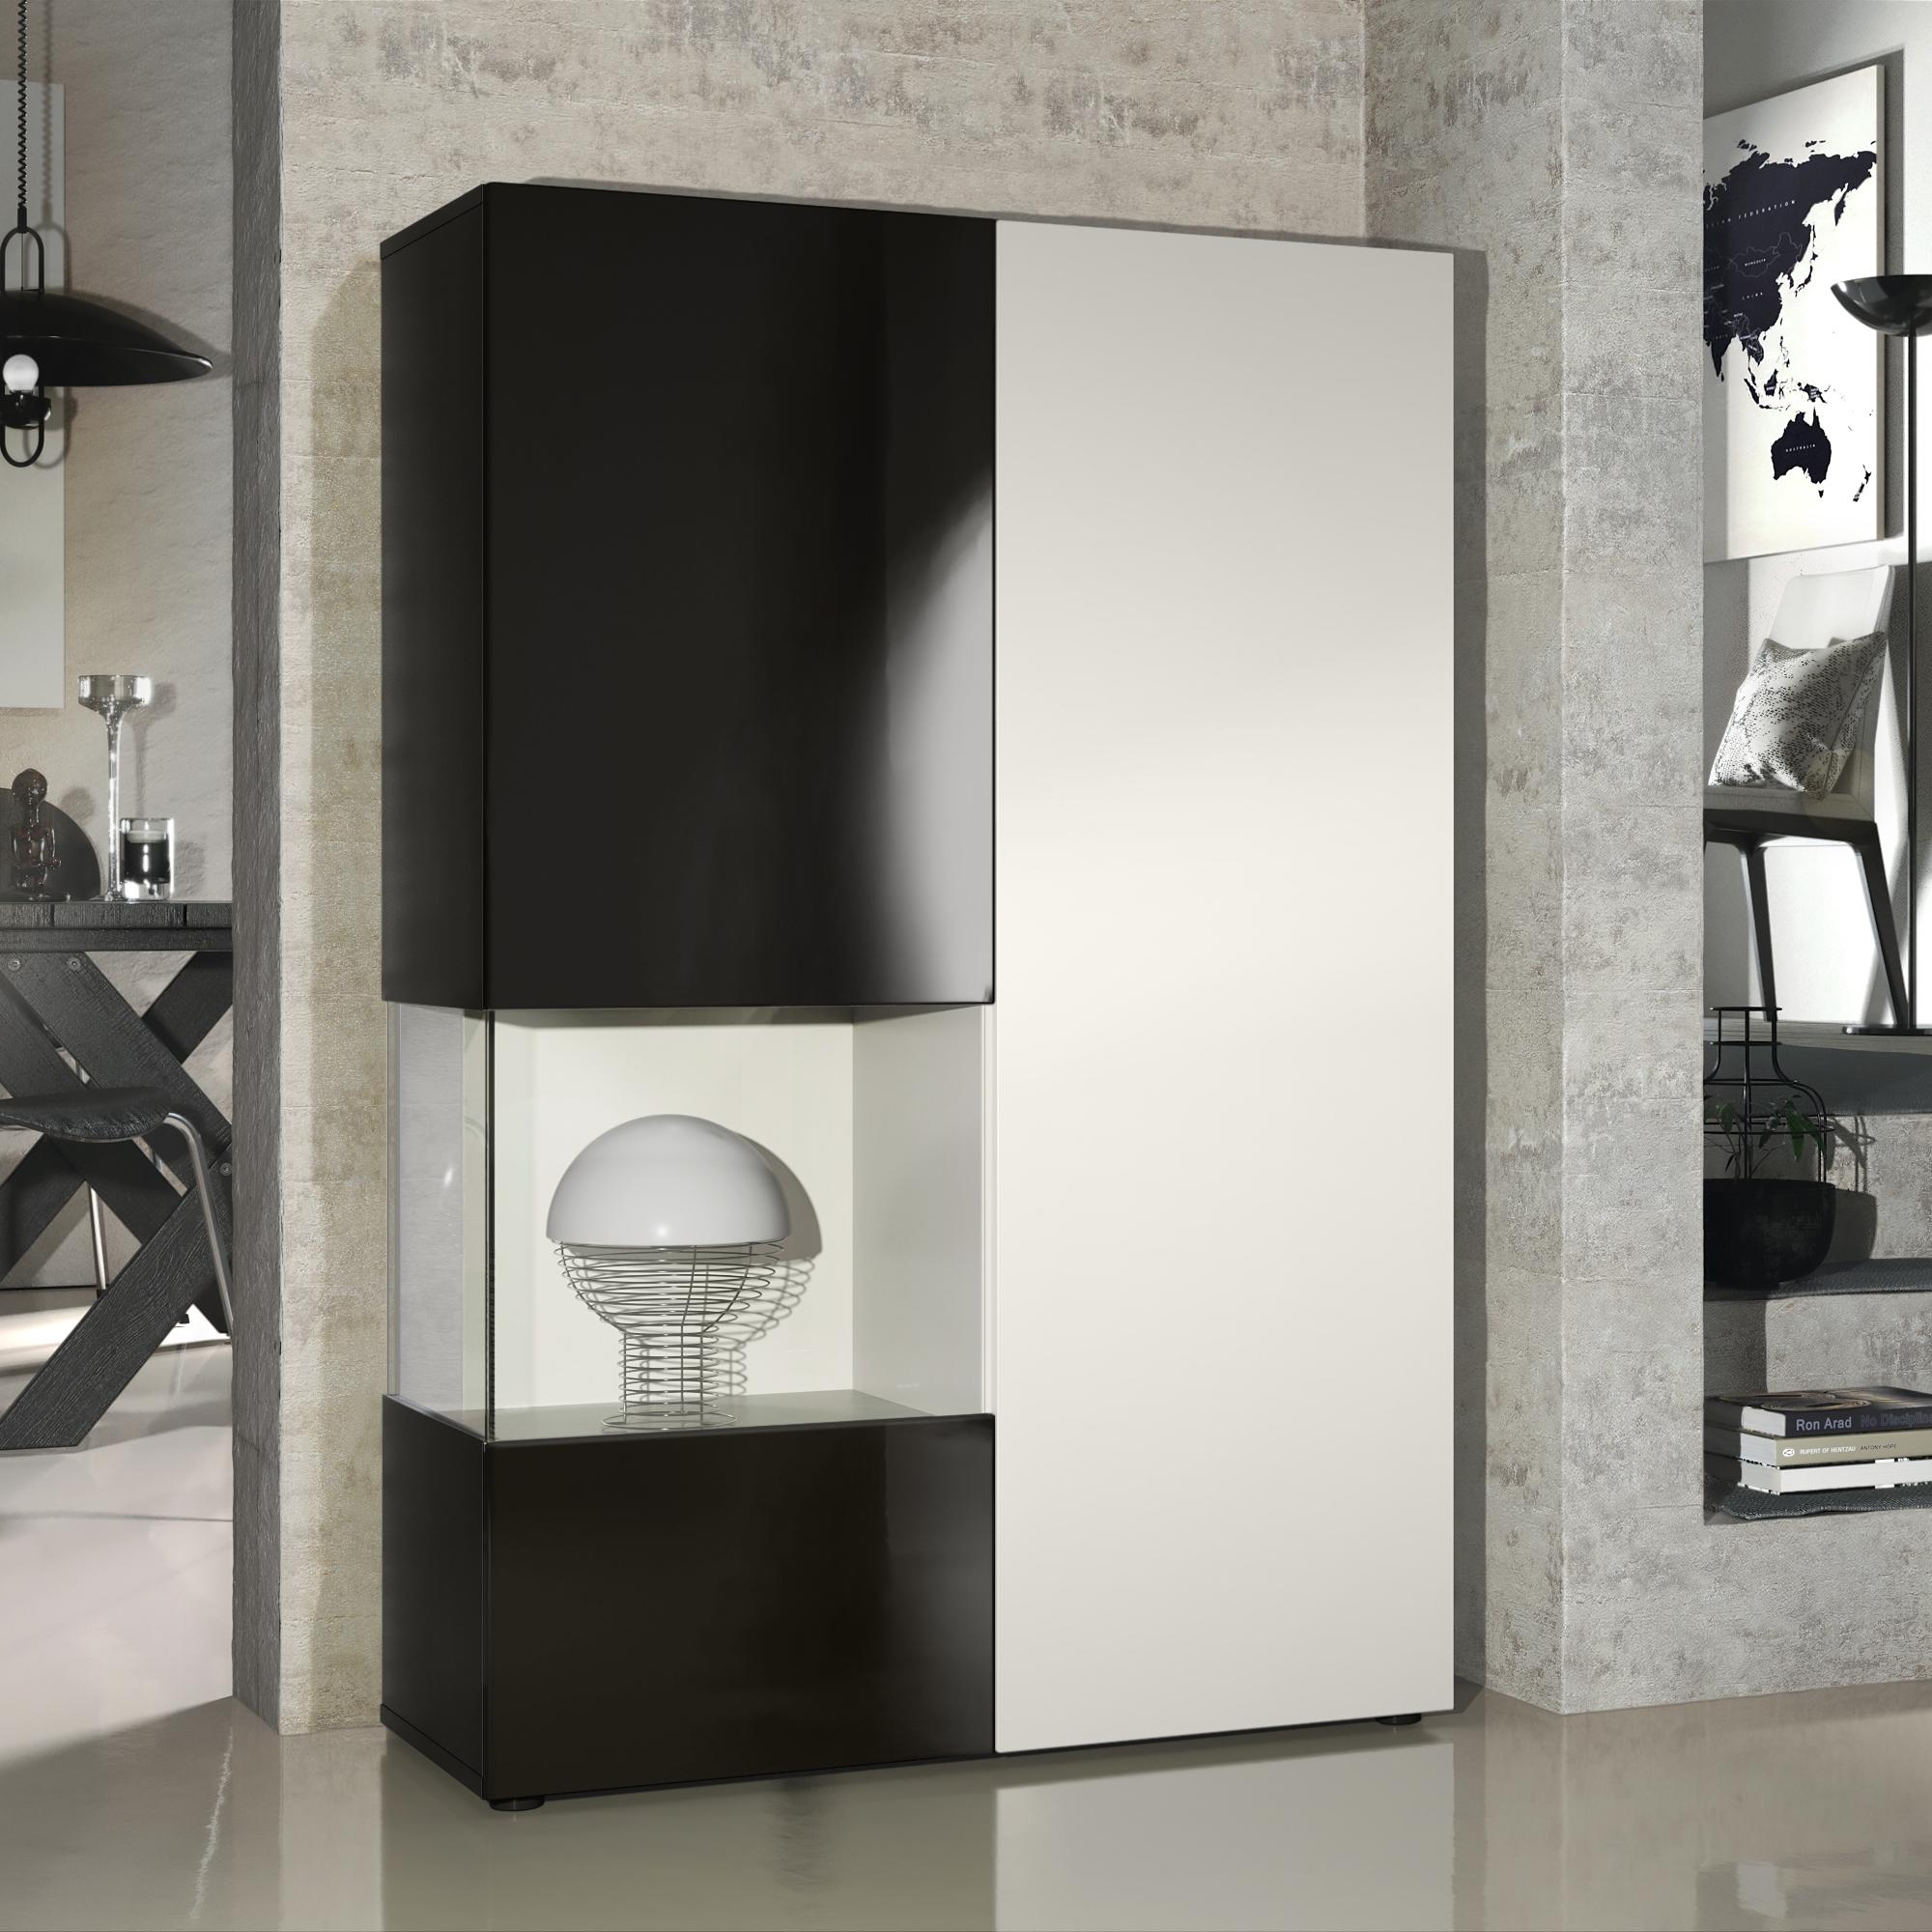 standvitrine highboard hochschrank glas morena schwarz hochglanz naturdekor ebay. Black Bedroom Furniture Sets. Home Design Ideas